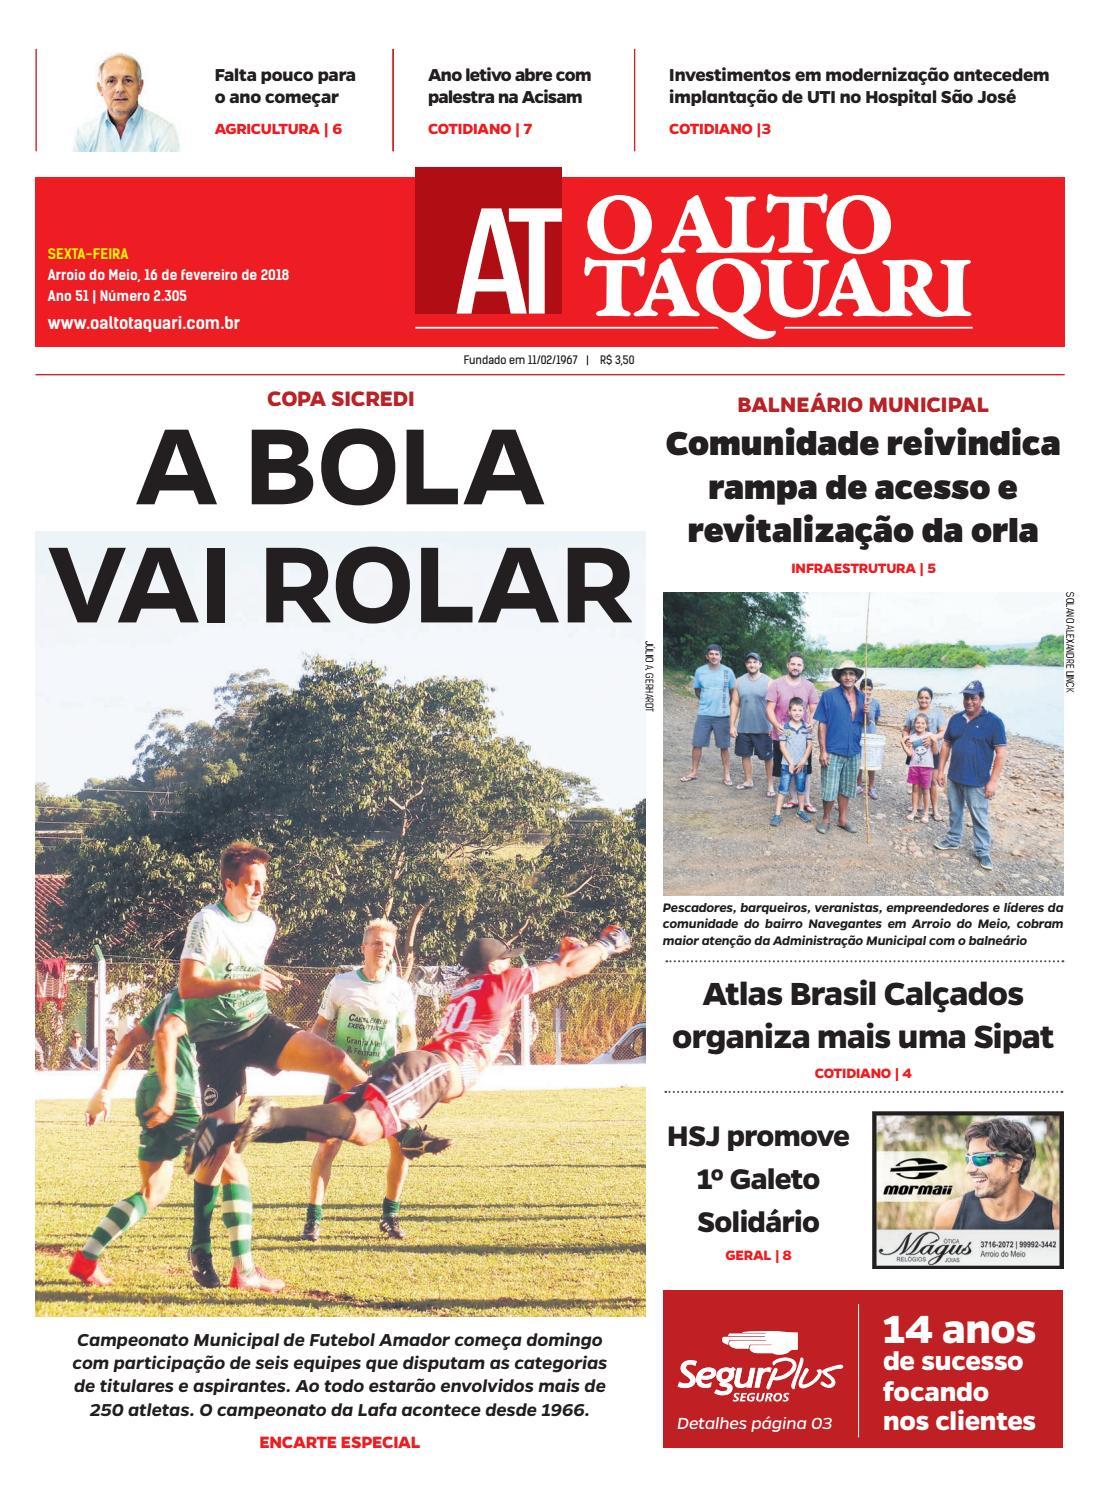 8c74a9e3b Jornal O Alto Taquari - 16 de fevereiro de 2018 by Jornal O Alto Taquari -  issuu